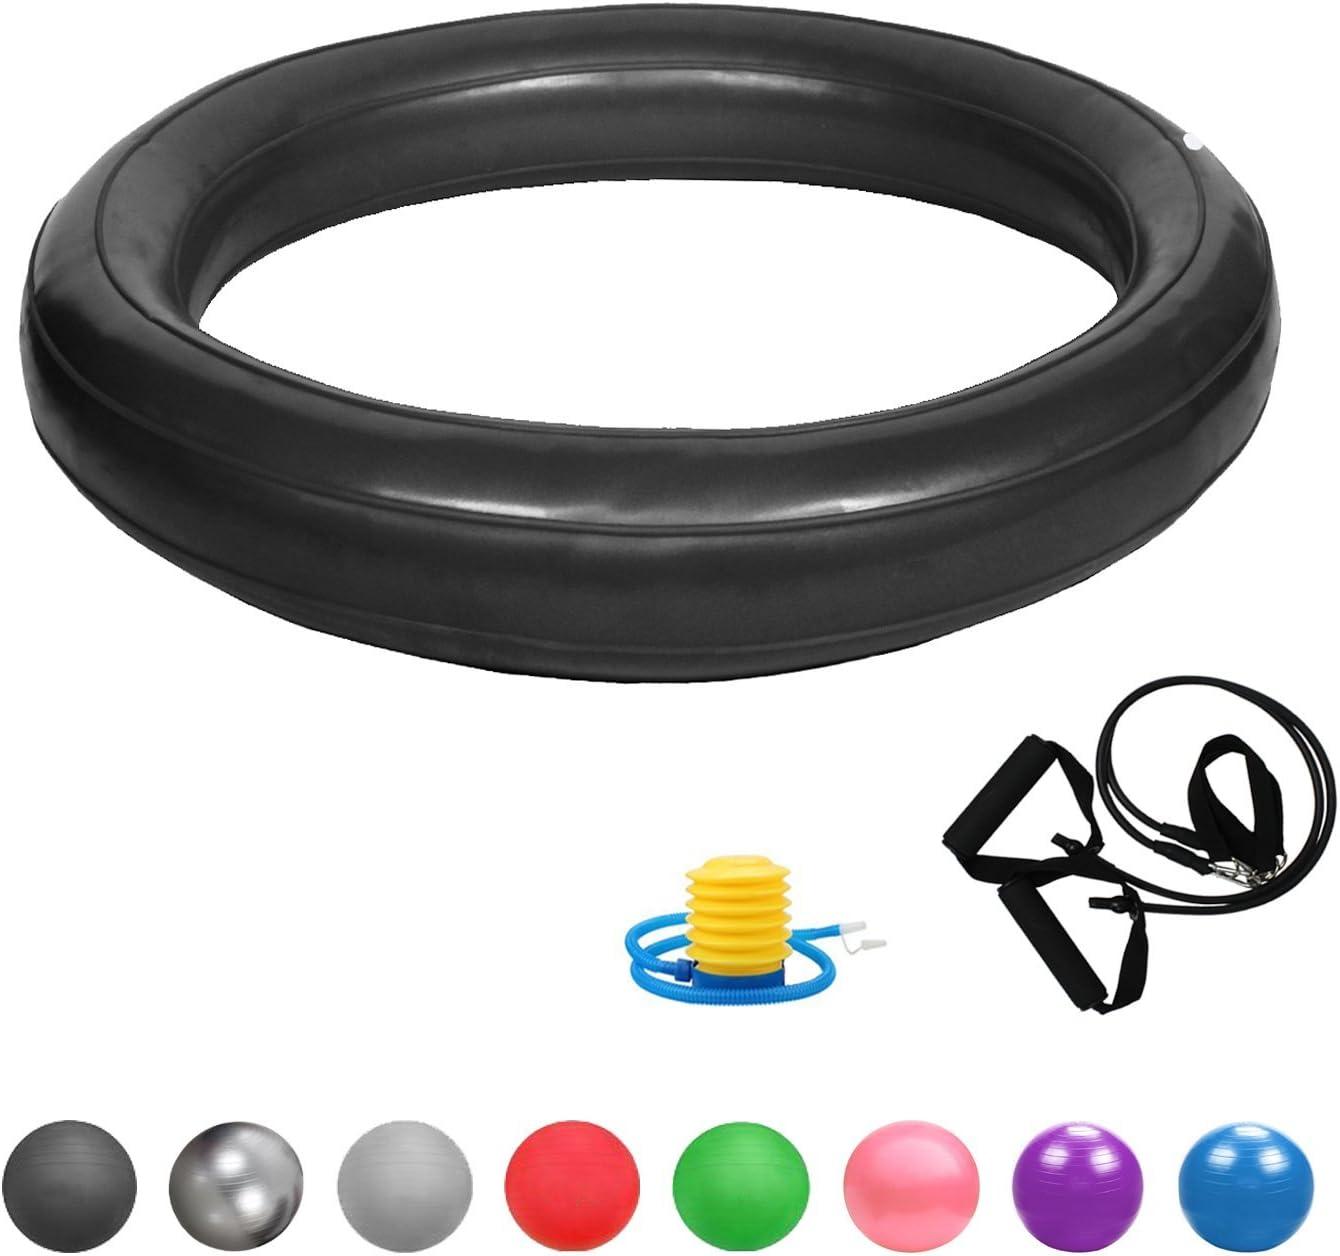 Ballschale Mini Pilates Ball Yogaball Widerstandsb/ändern Glamexx24 Weich Gymnastikball Dick Anti-Burst Sitzball Peziball Swissball Fitnessball Ballpumpe